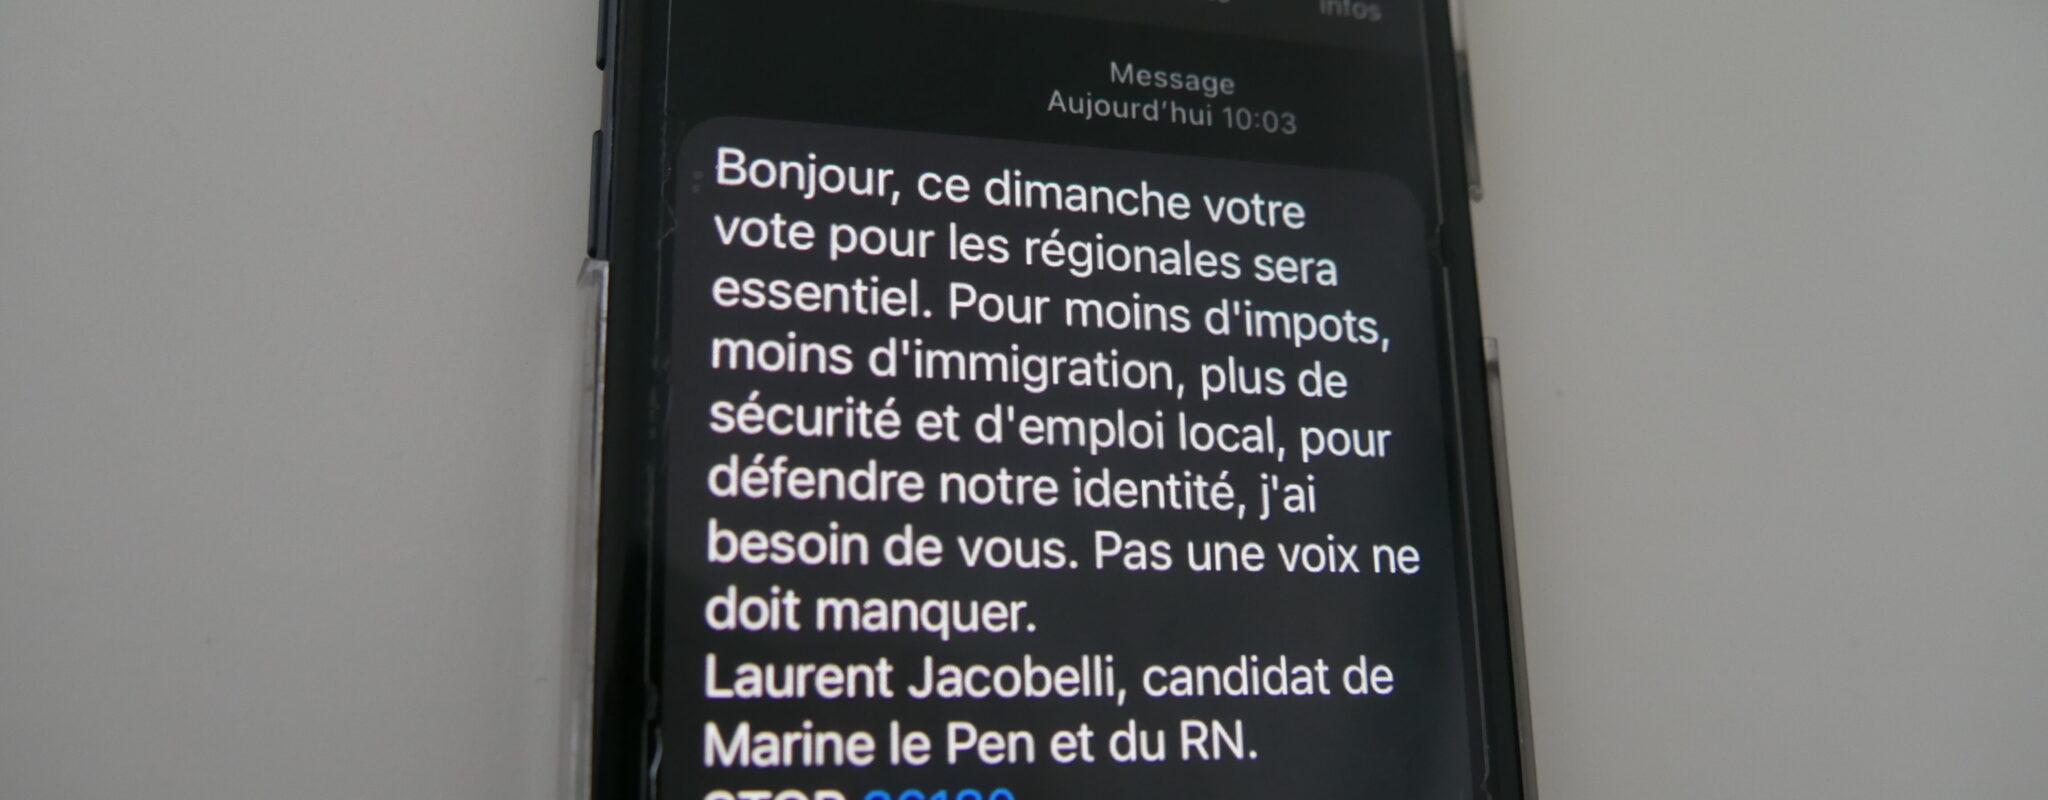 Elections régionales: «J'ai reçu un texto du RN. Comment ont-ils trouvé mon numéro?»